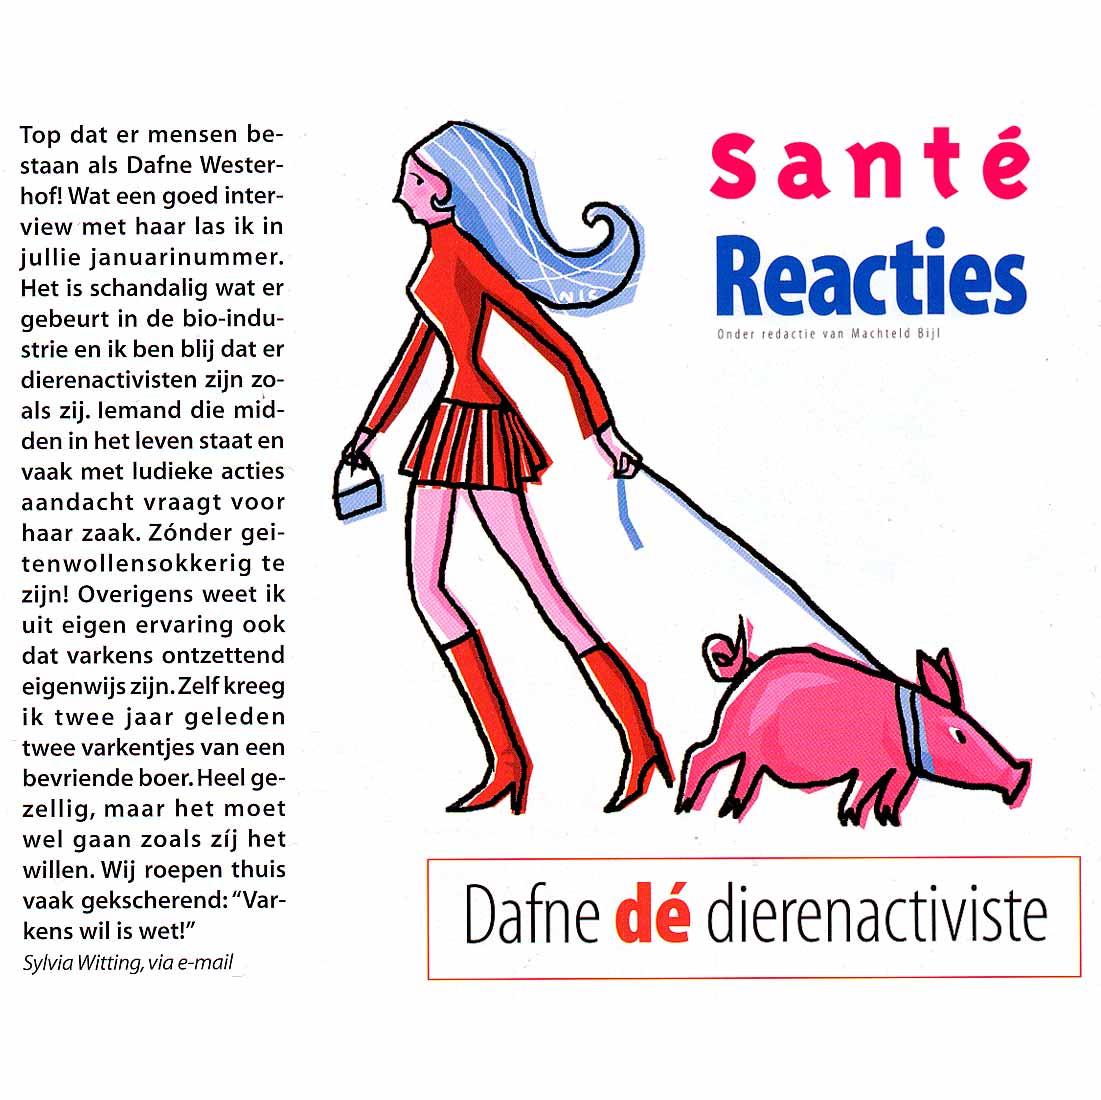 Reactie Santé 'Top dat er mensen bestaan als Dafne Westerhof!'